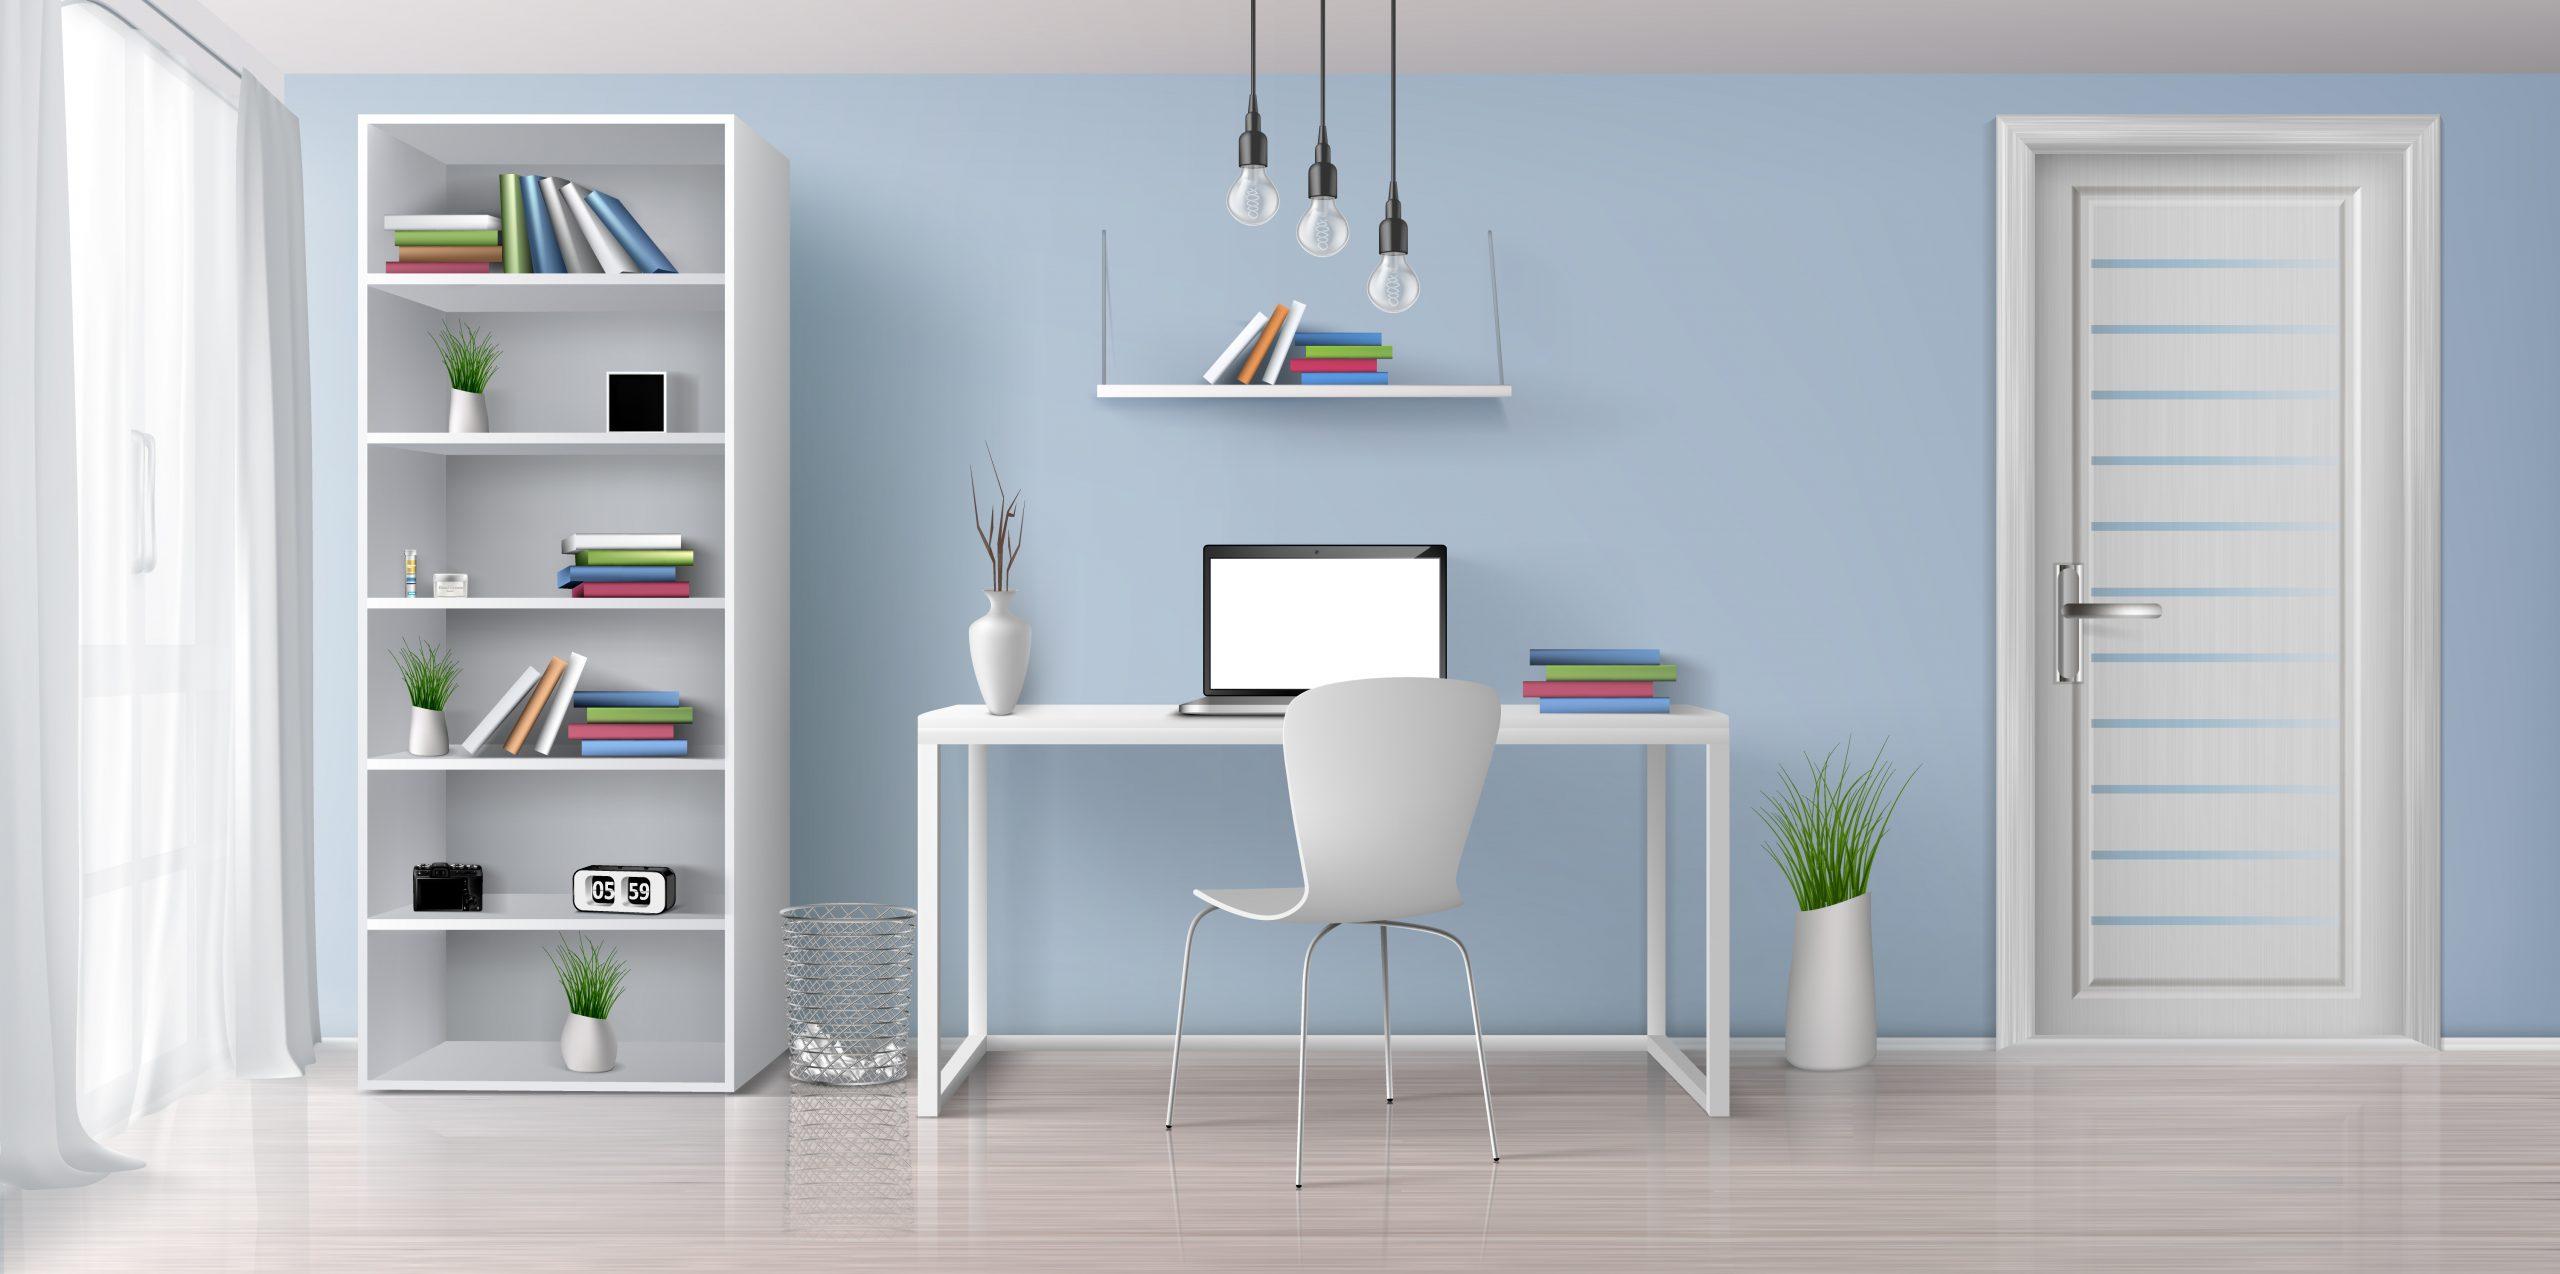 sillas ideales para escritorios